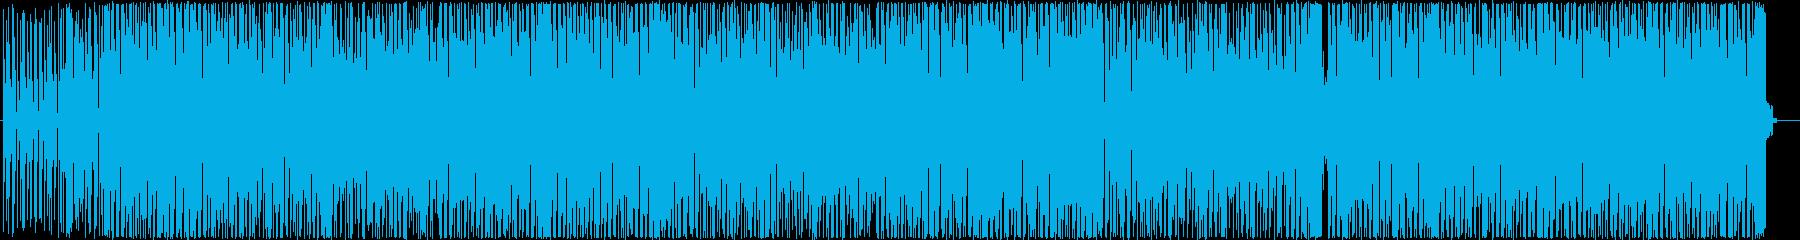 洋楽、80s洋楽系ファンクトラック の再生済みの波形